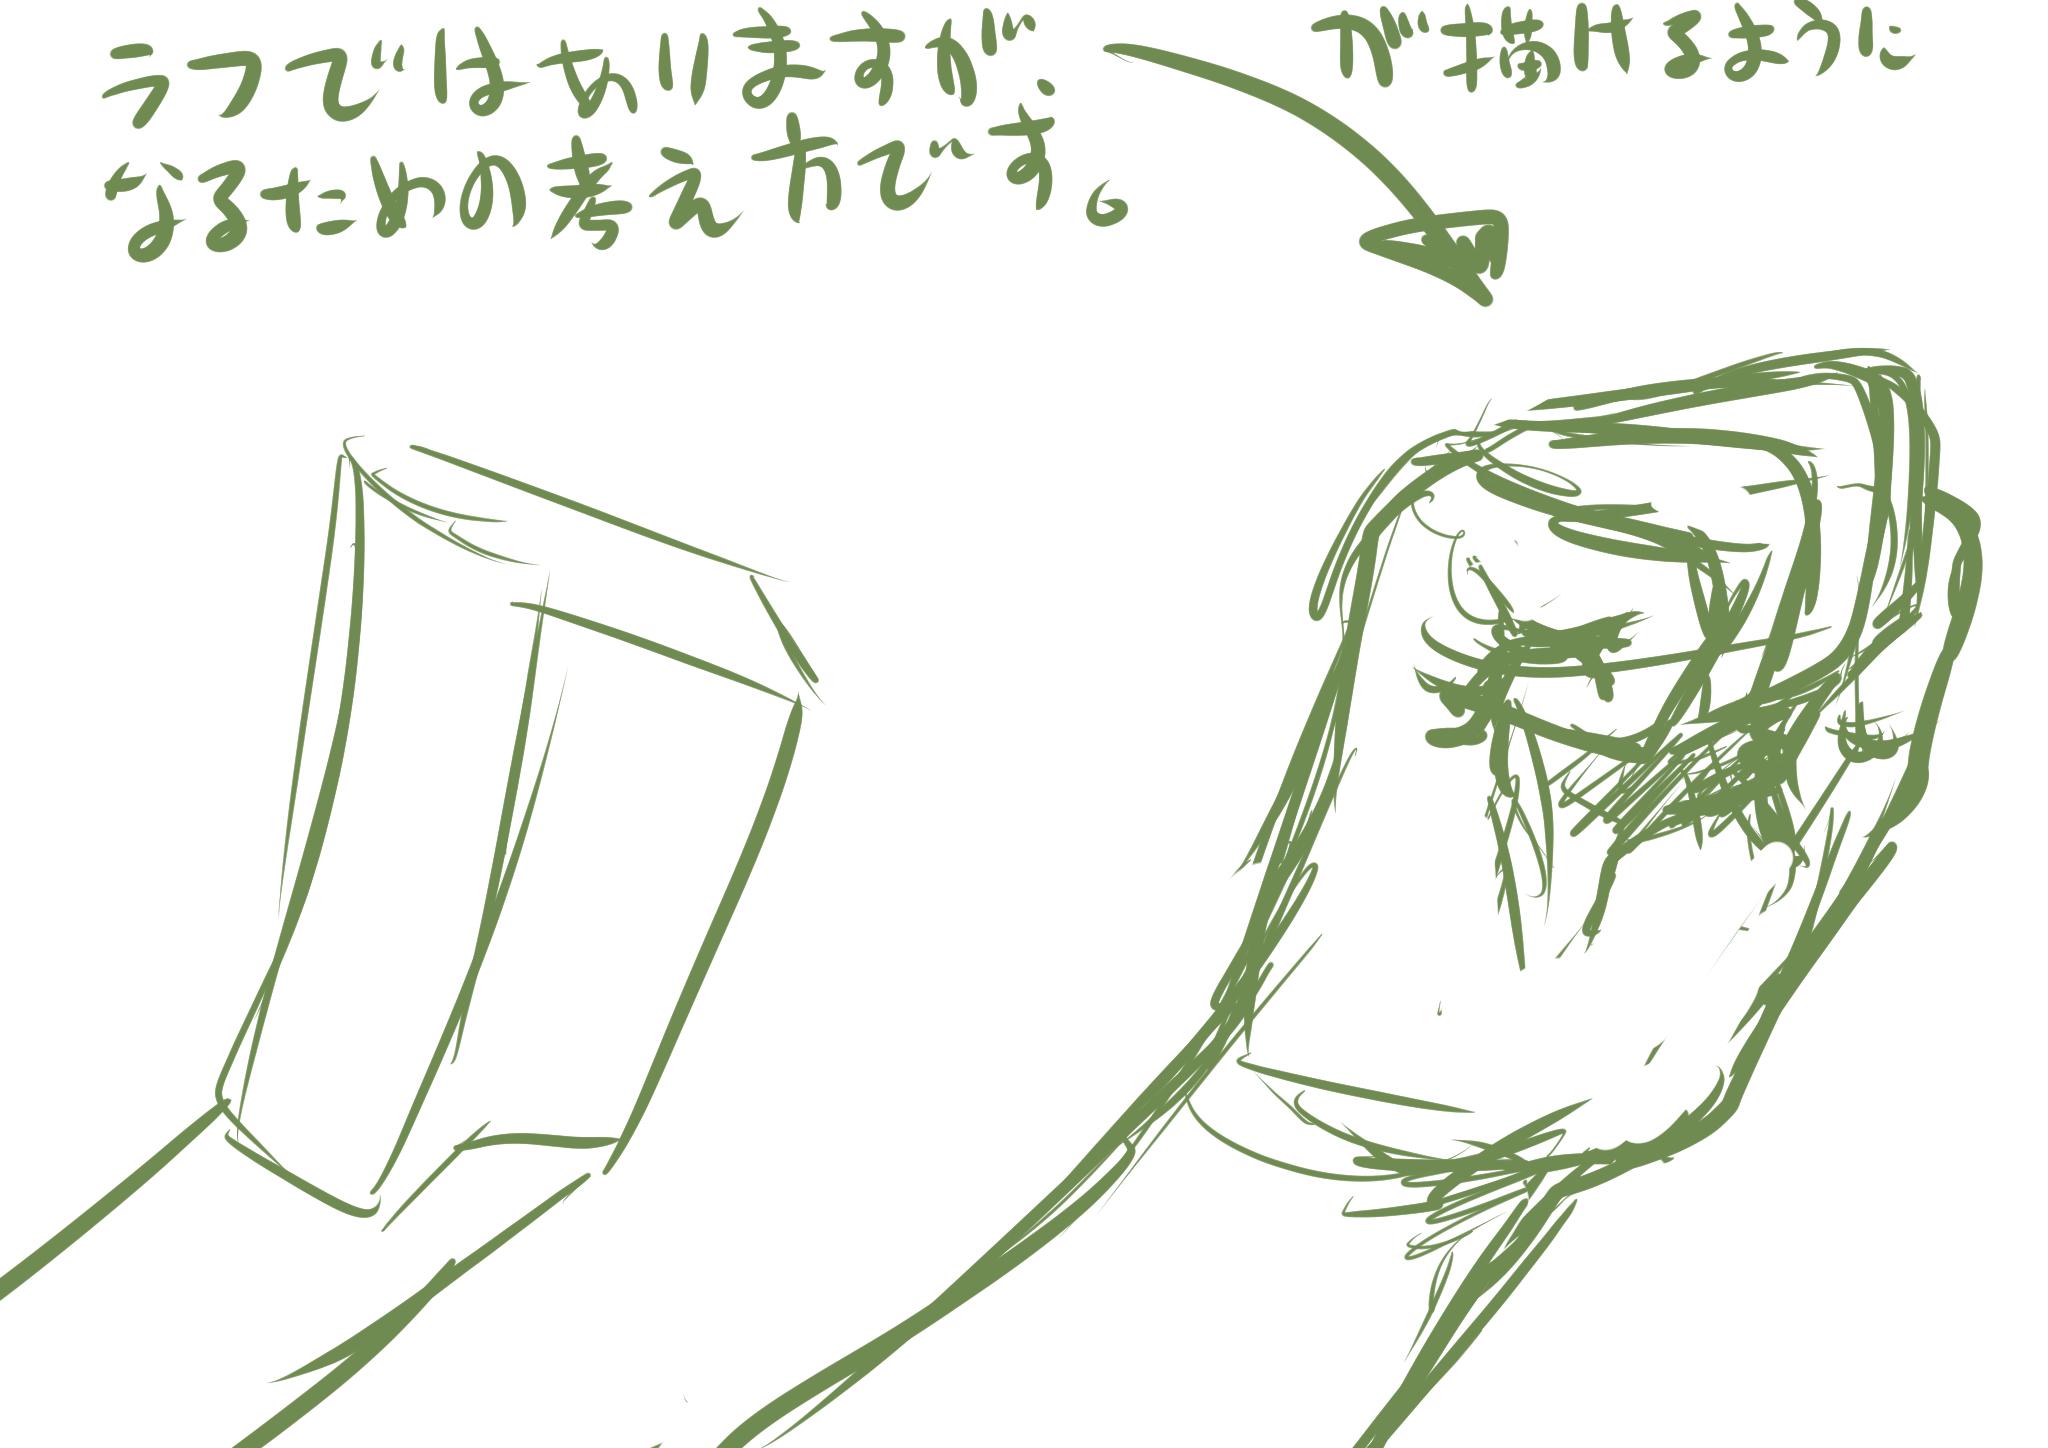 手の書き方を考える1